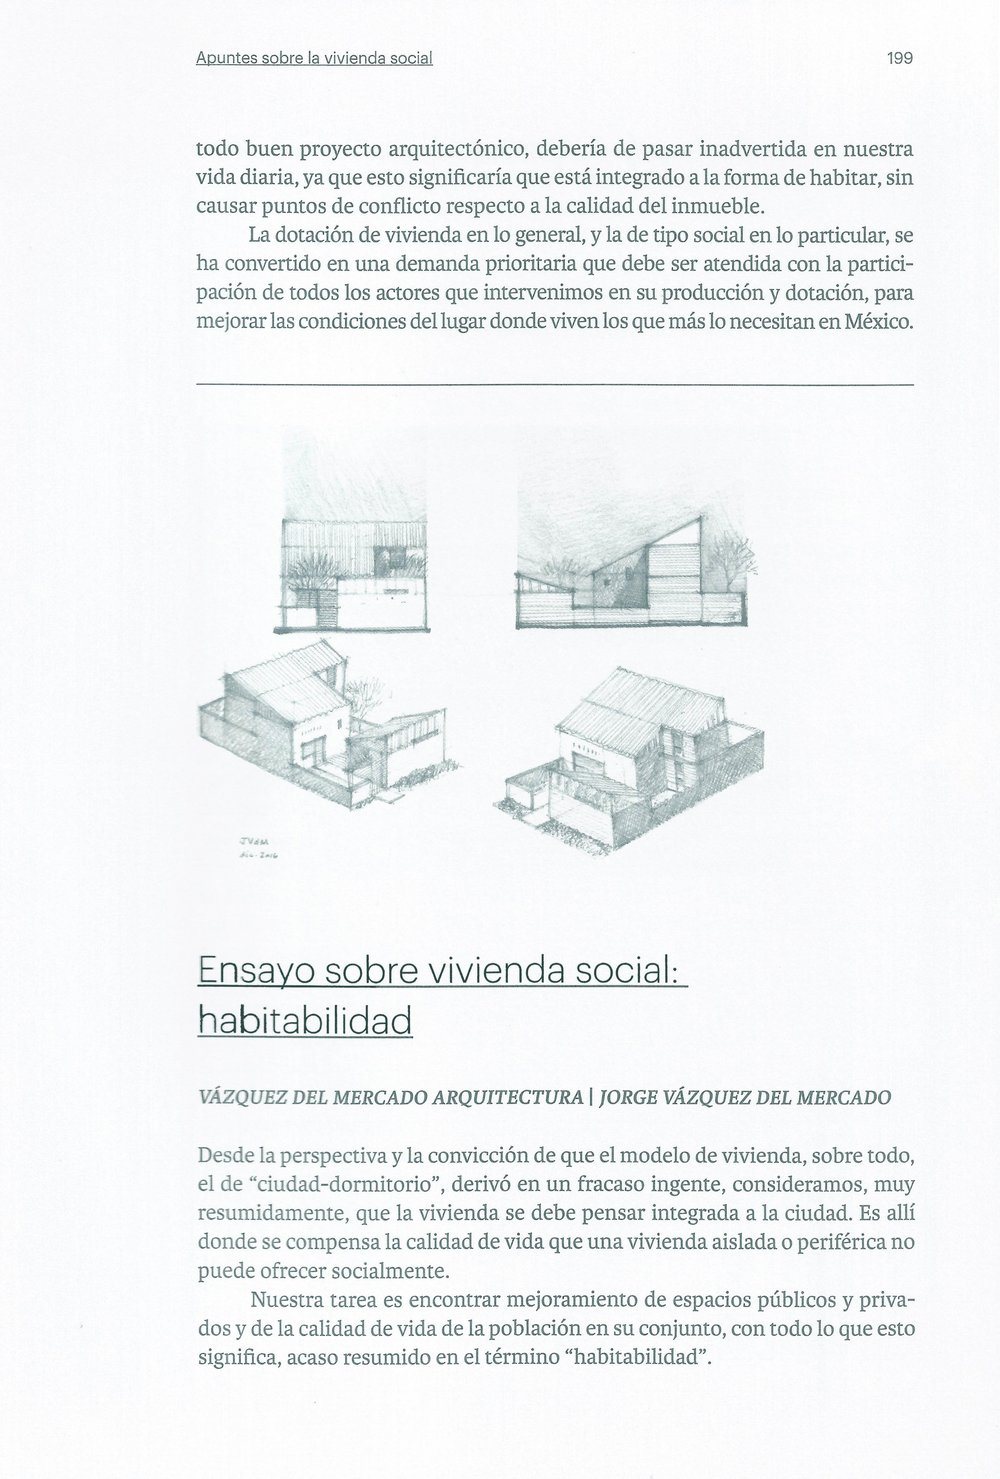 VIVIENDA 3.jpg